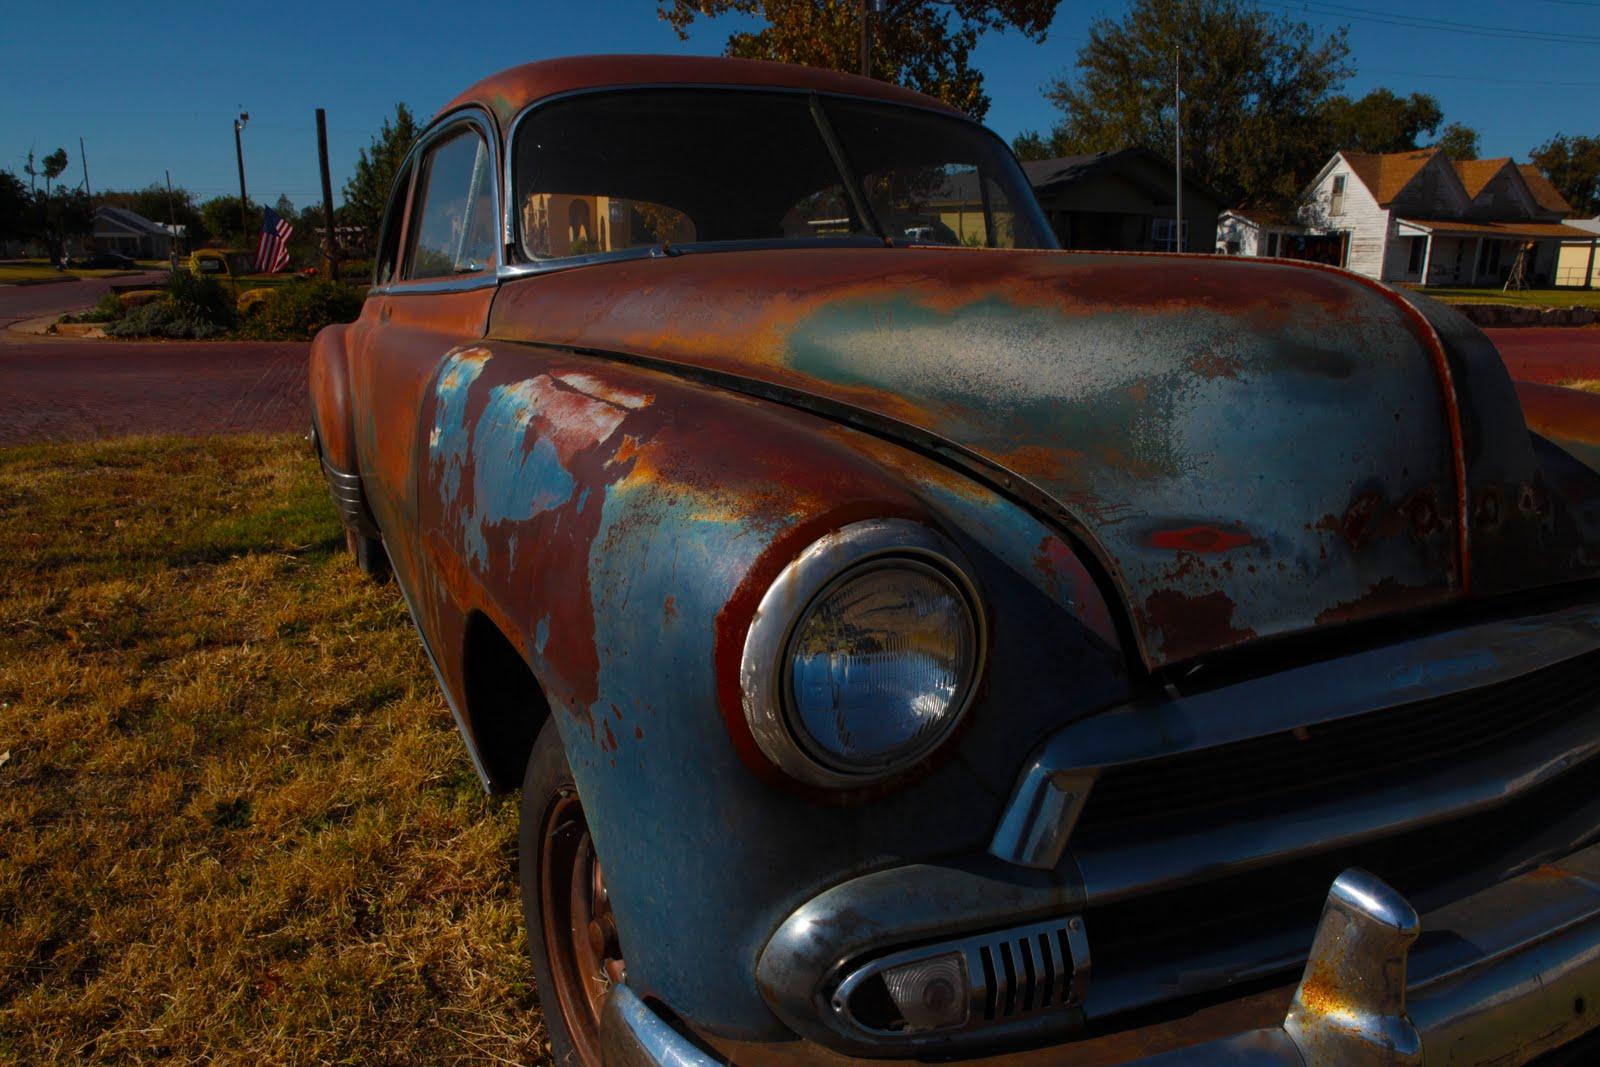 http://1.bp.blogspot.com/-CU2D6orWX7g/Tmb1-a5Py7I/AAAAAAAAAz0/jDG14HL5Nmk/s1600/rusty-car.jpg